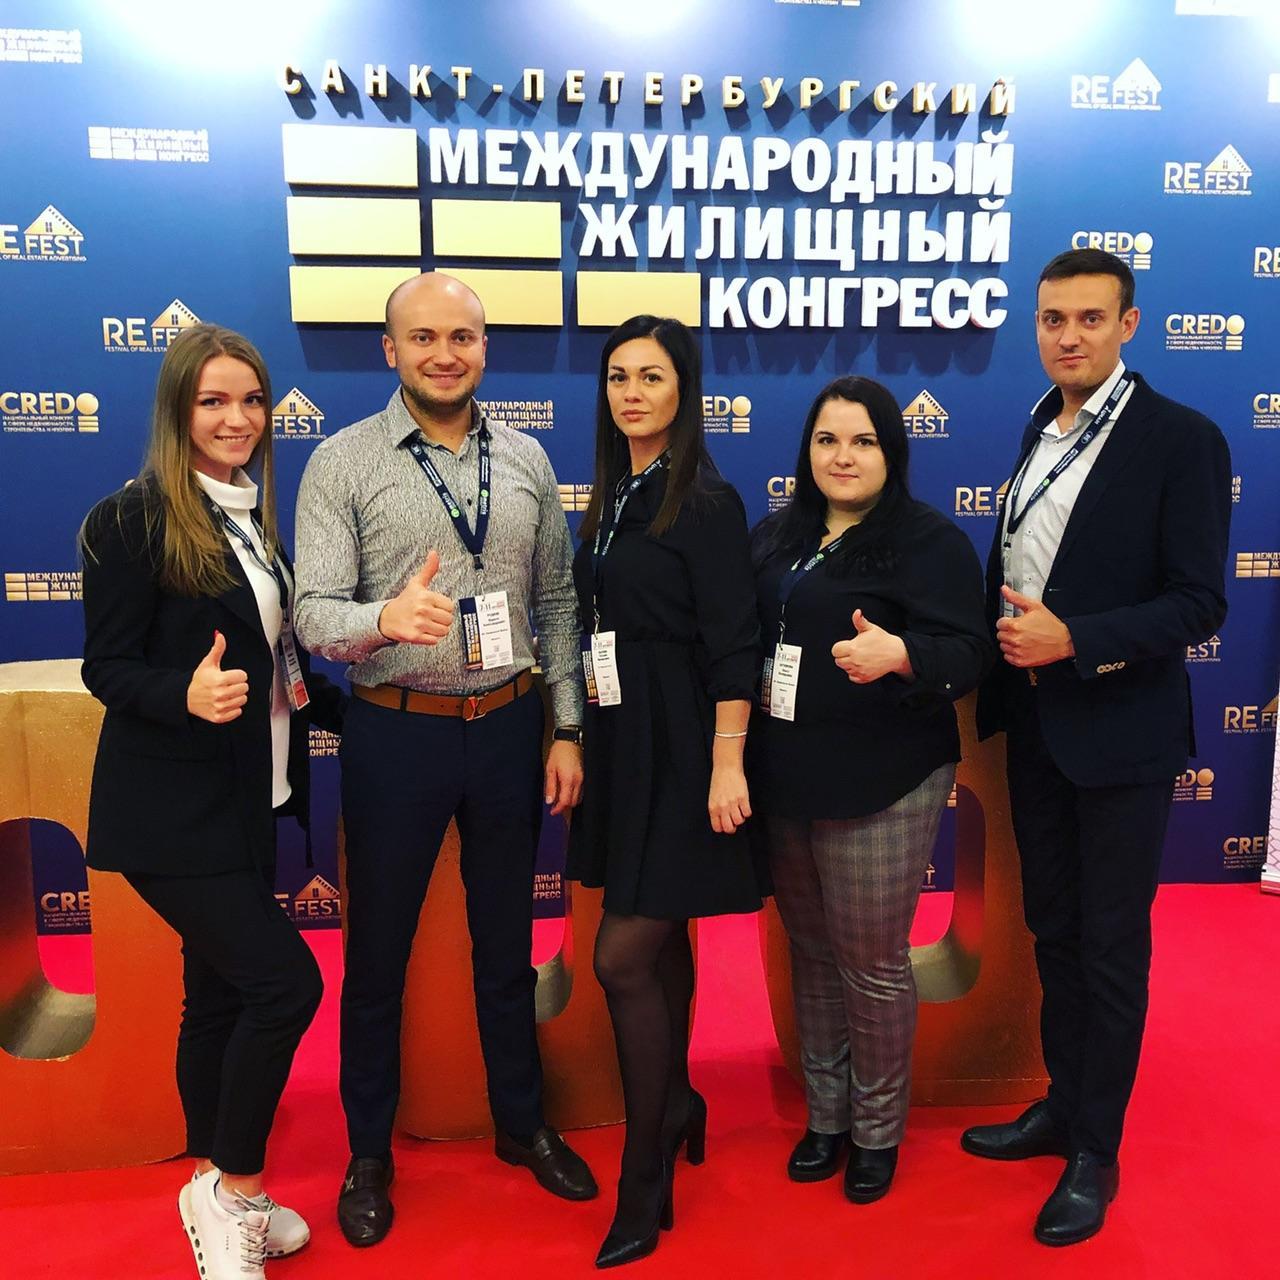 Международный жилищный конгресс